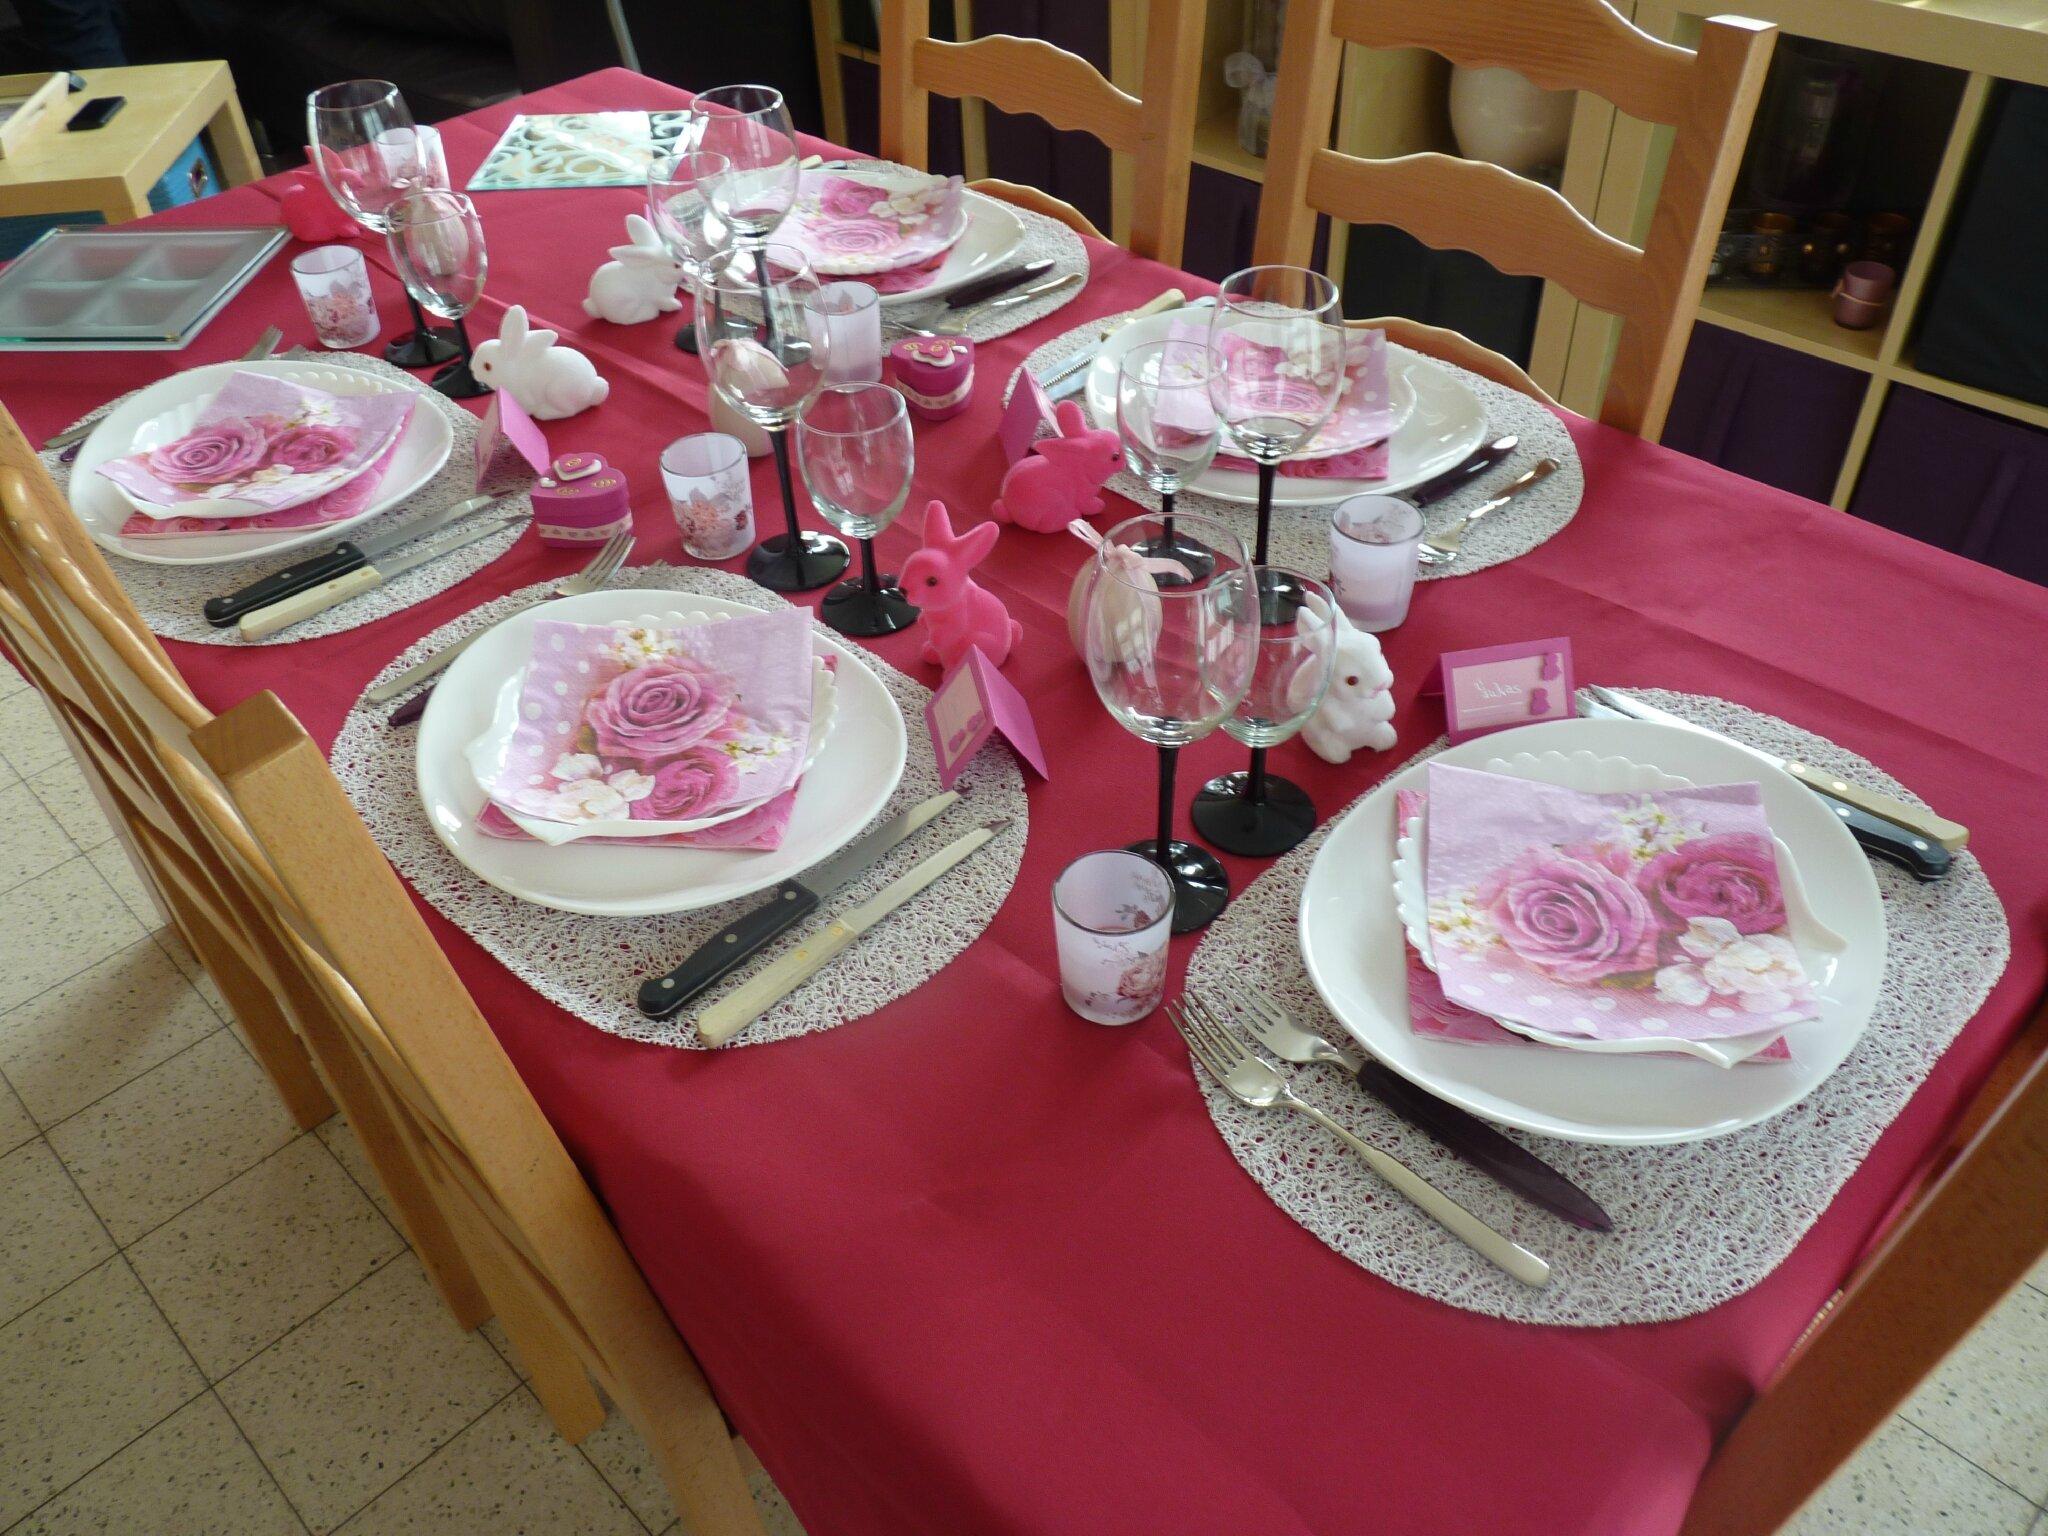 D coration table de p ques 2014 les passions d 39 emilie - Decor de table pour paques ...